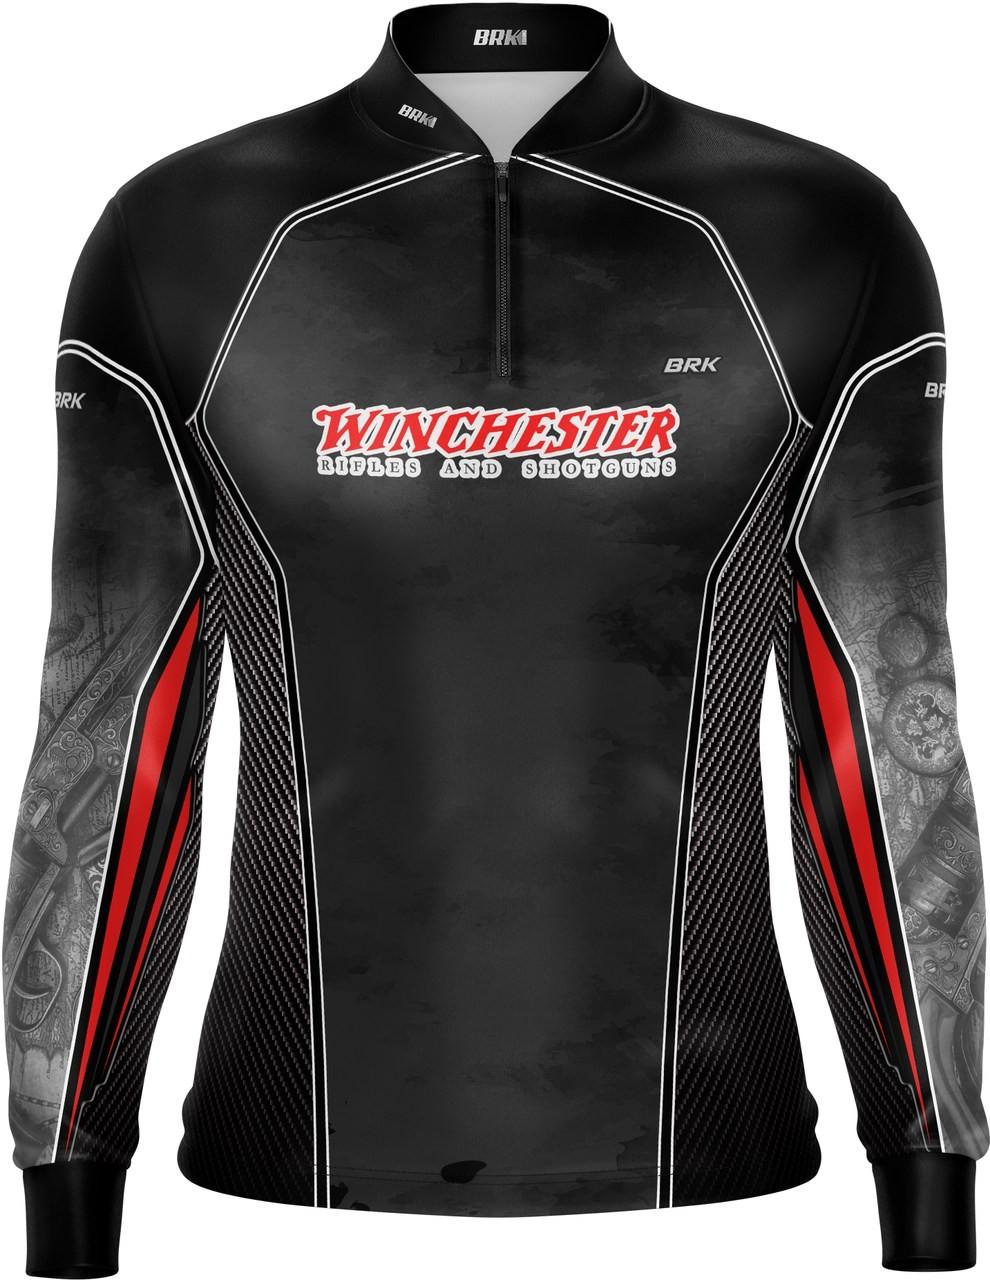 Camisa Tiro Esportivo Brk Winchester com FPU 50+